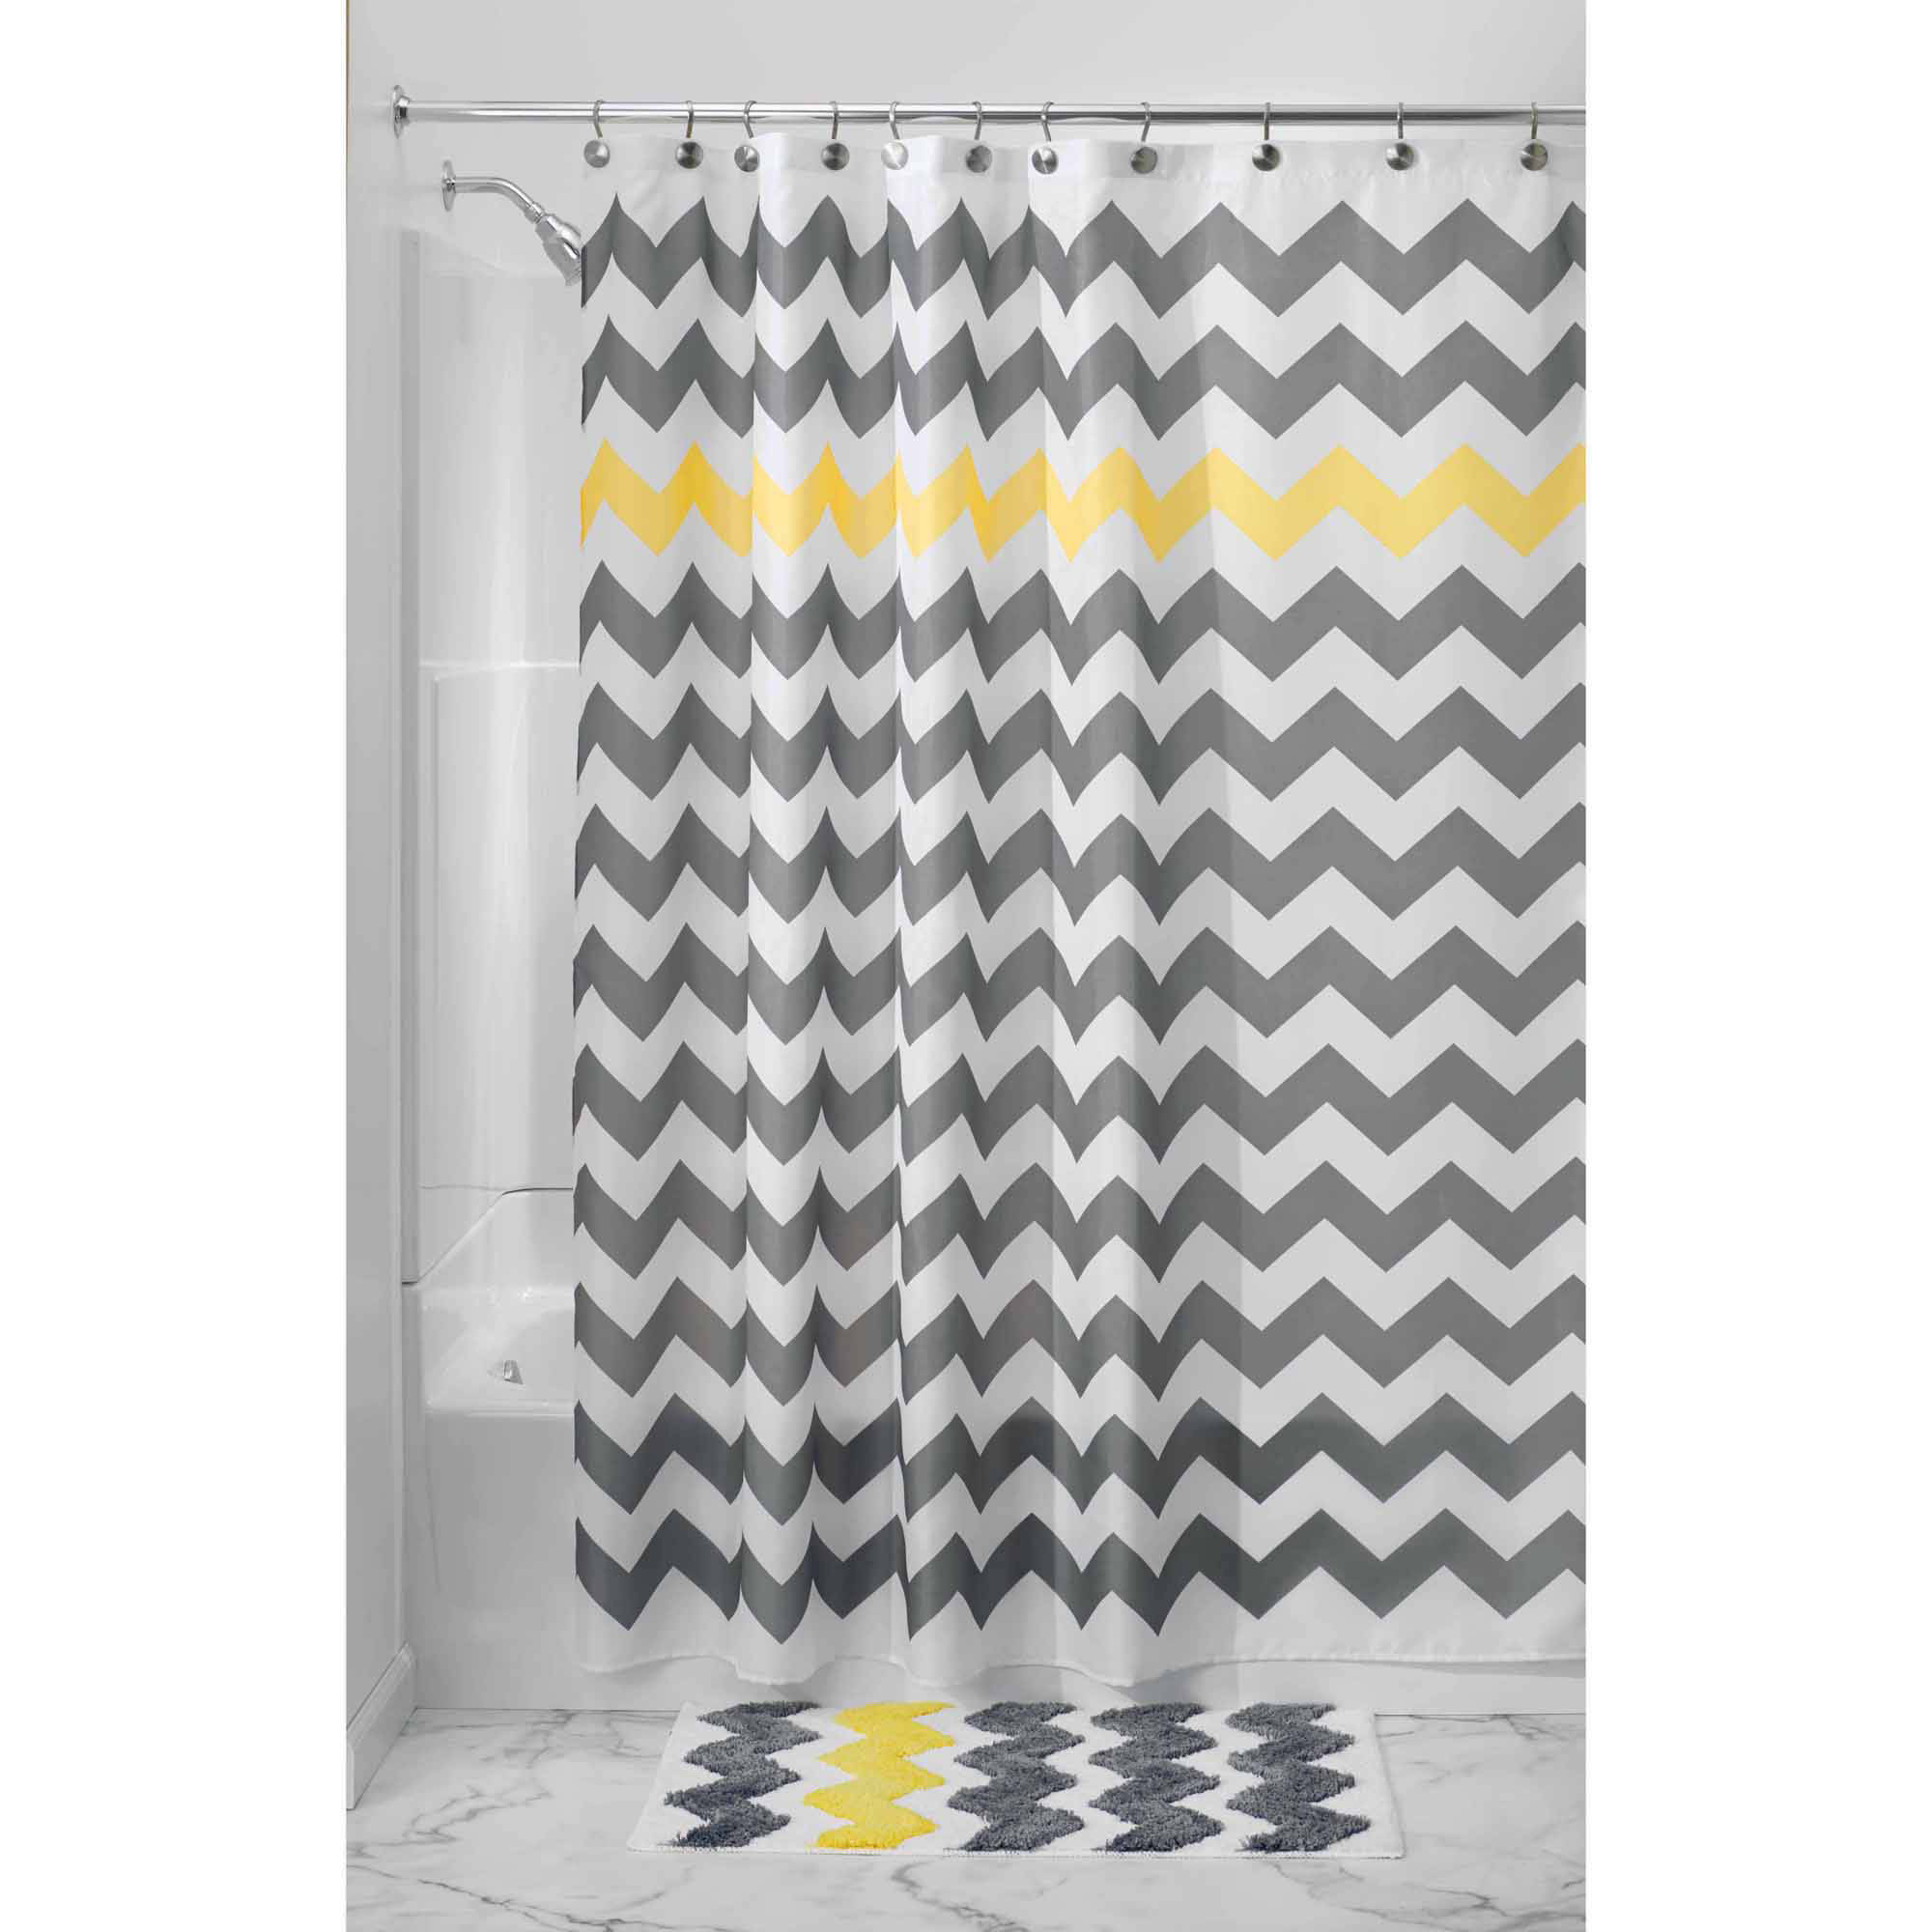 interdesign chevron fabric shower curtain standard 72 x 72 gray yellow